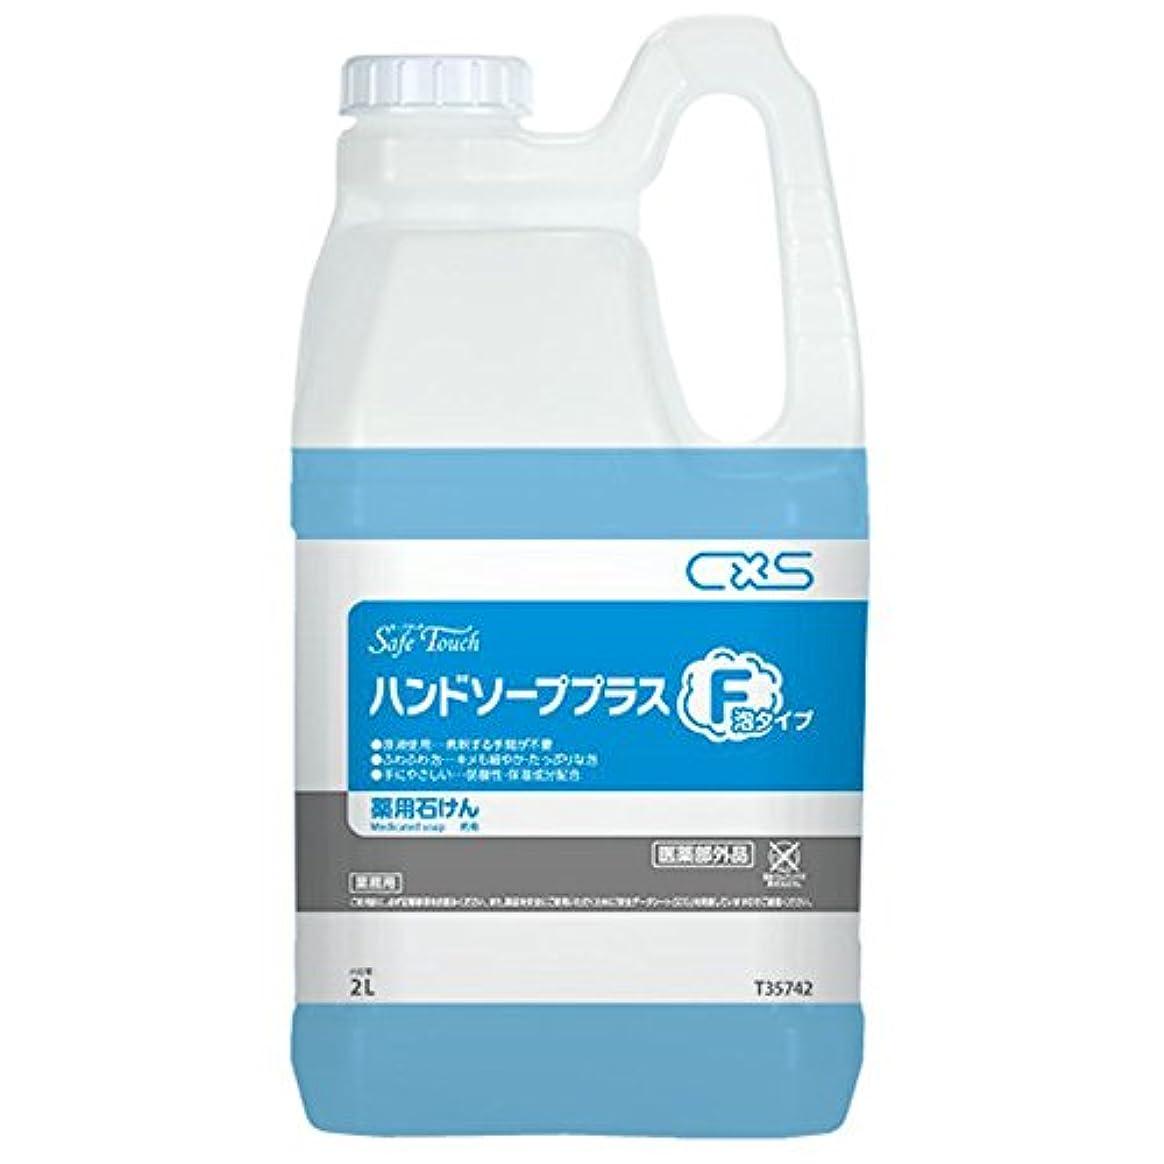 自明粒子義務的シーバイエス(C×S) 殺菌?消毒用手洗い石けん セーフタッチハンドソーププラスF 2L